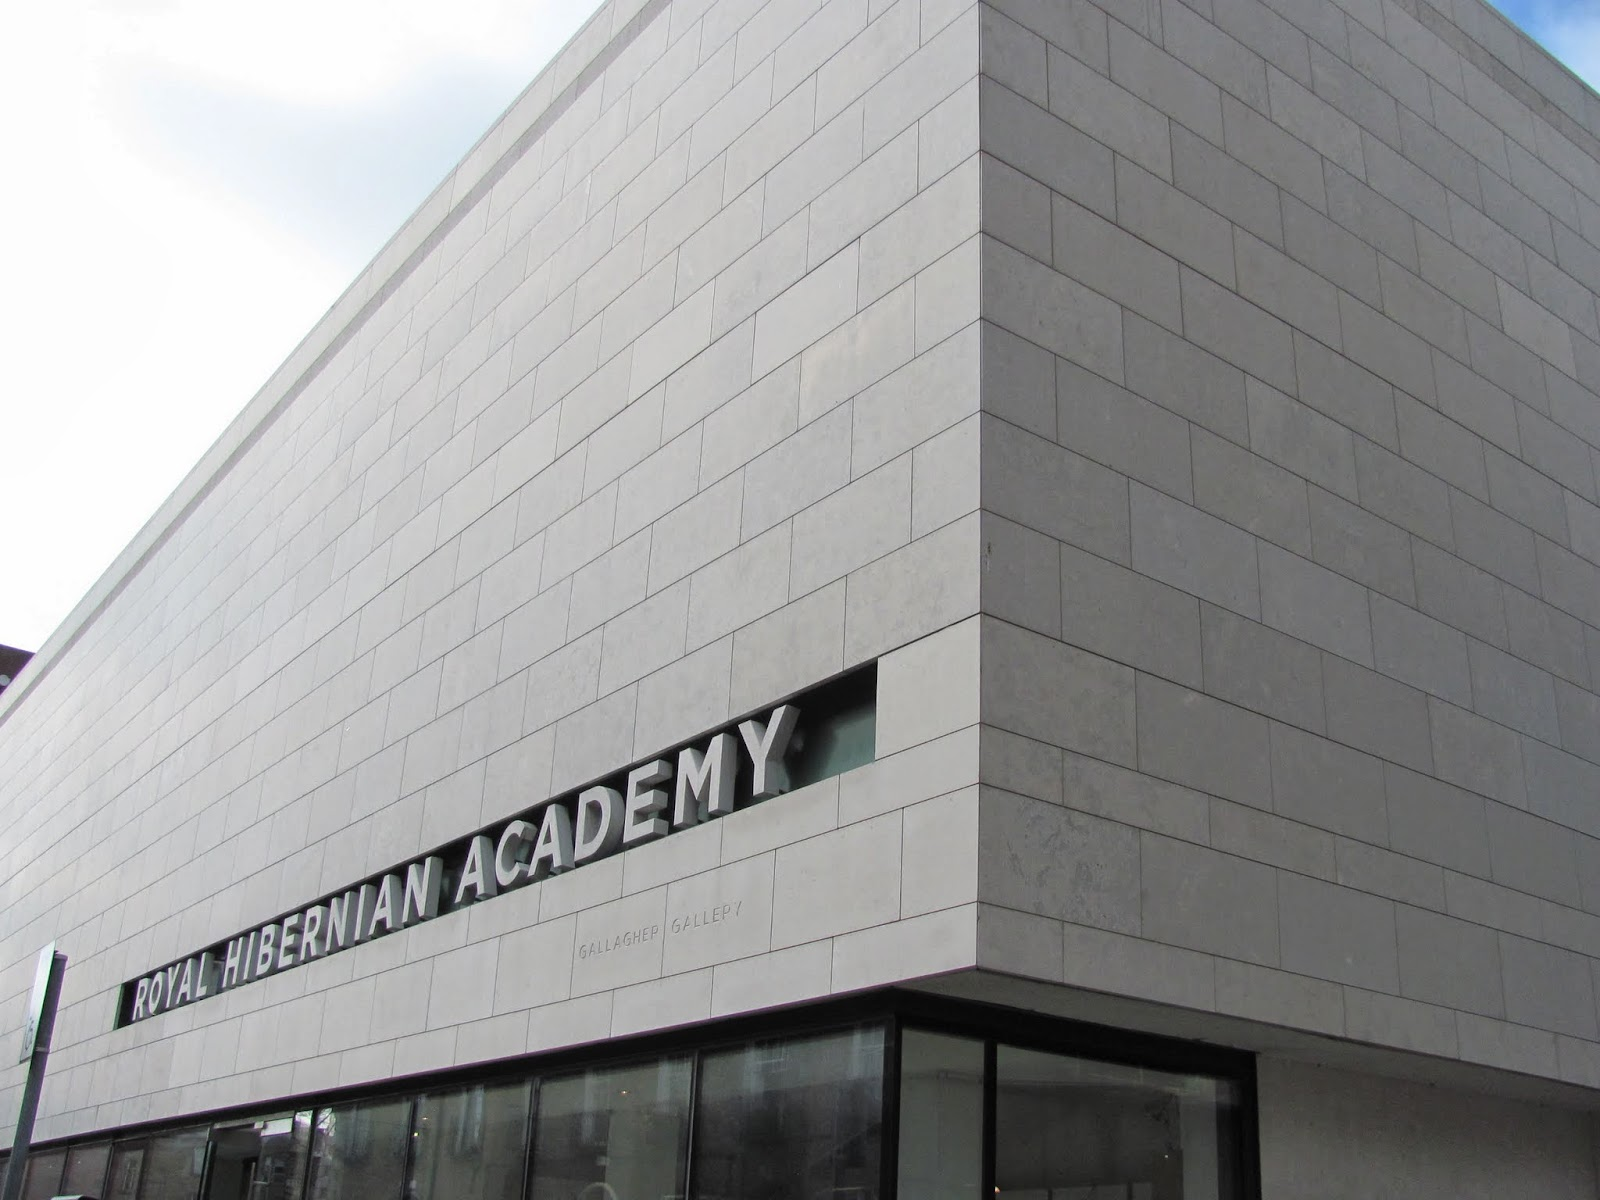 Royal Hibernian Academy Dublin